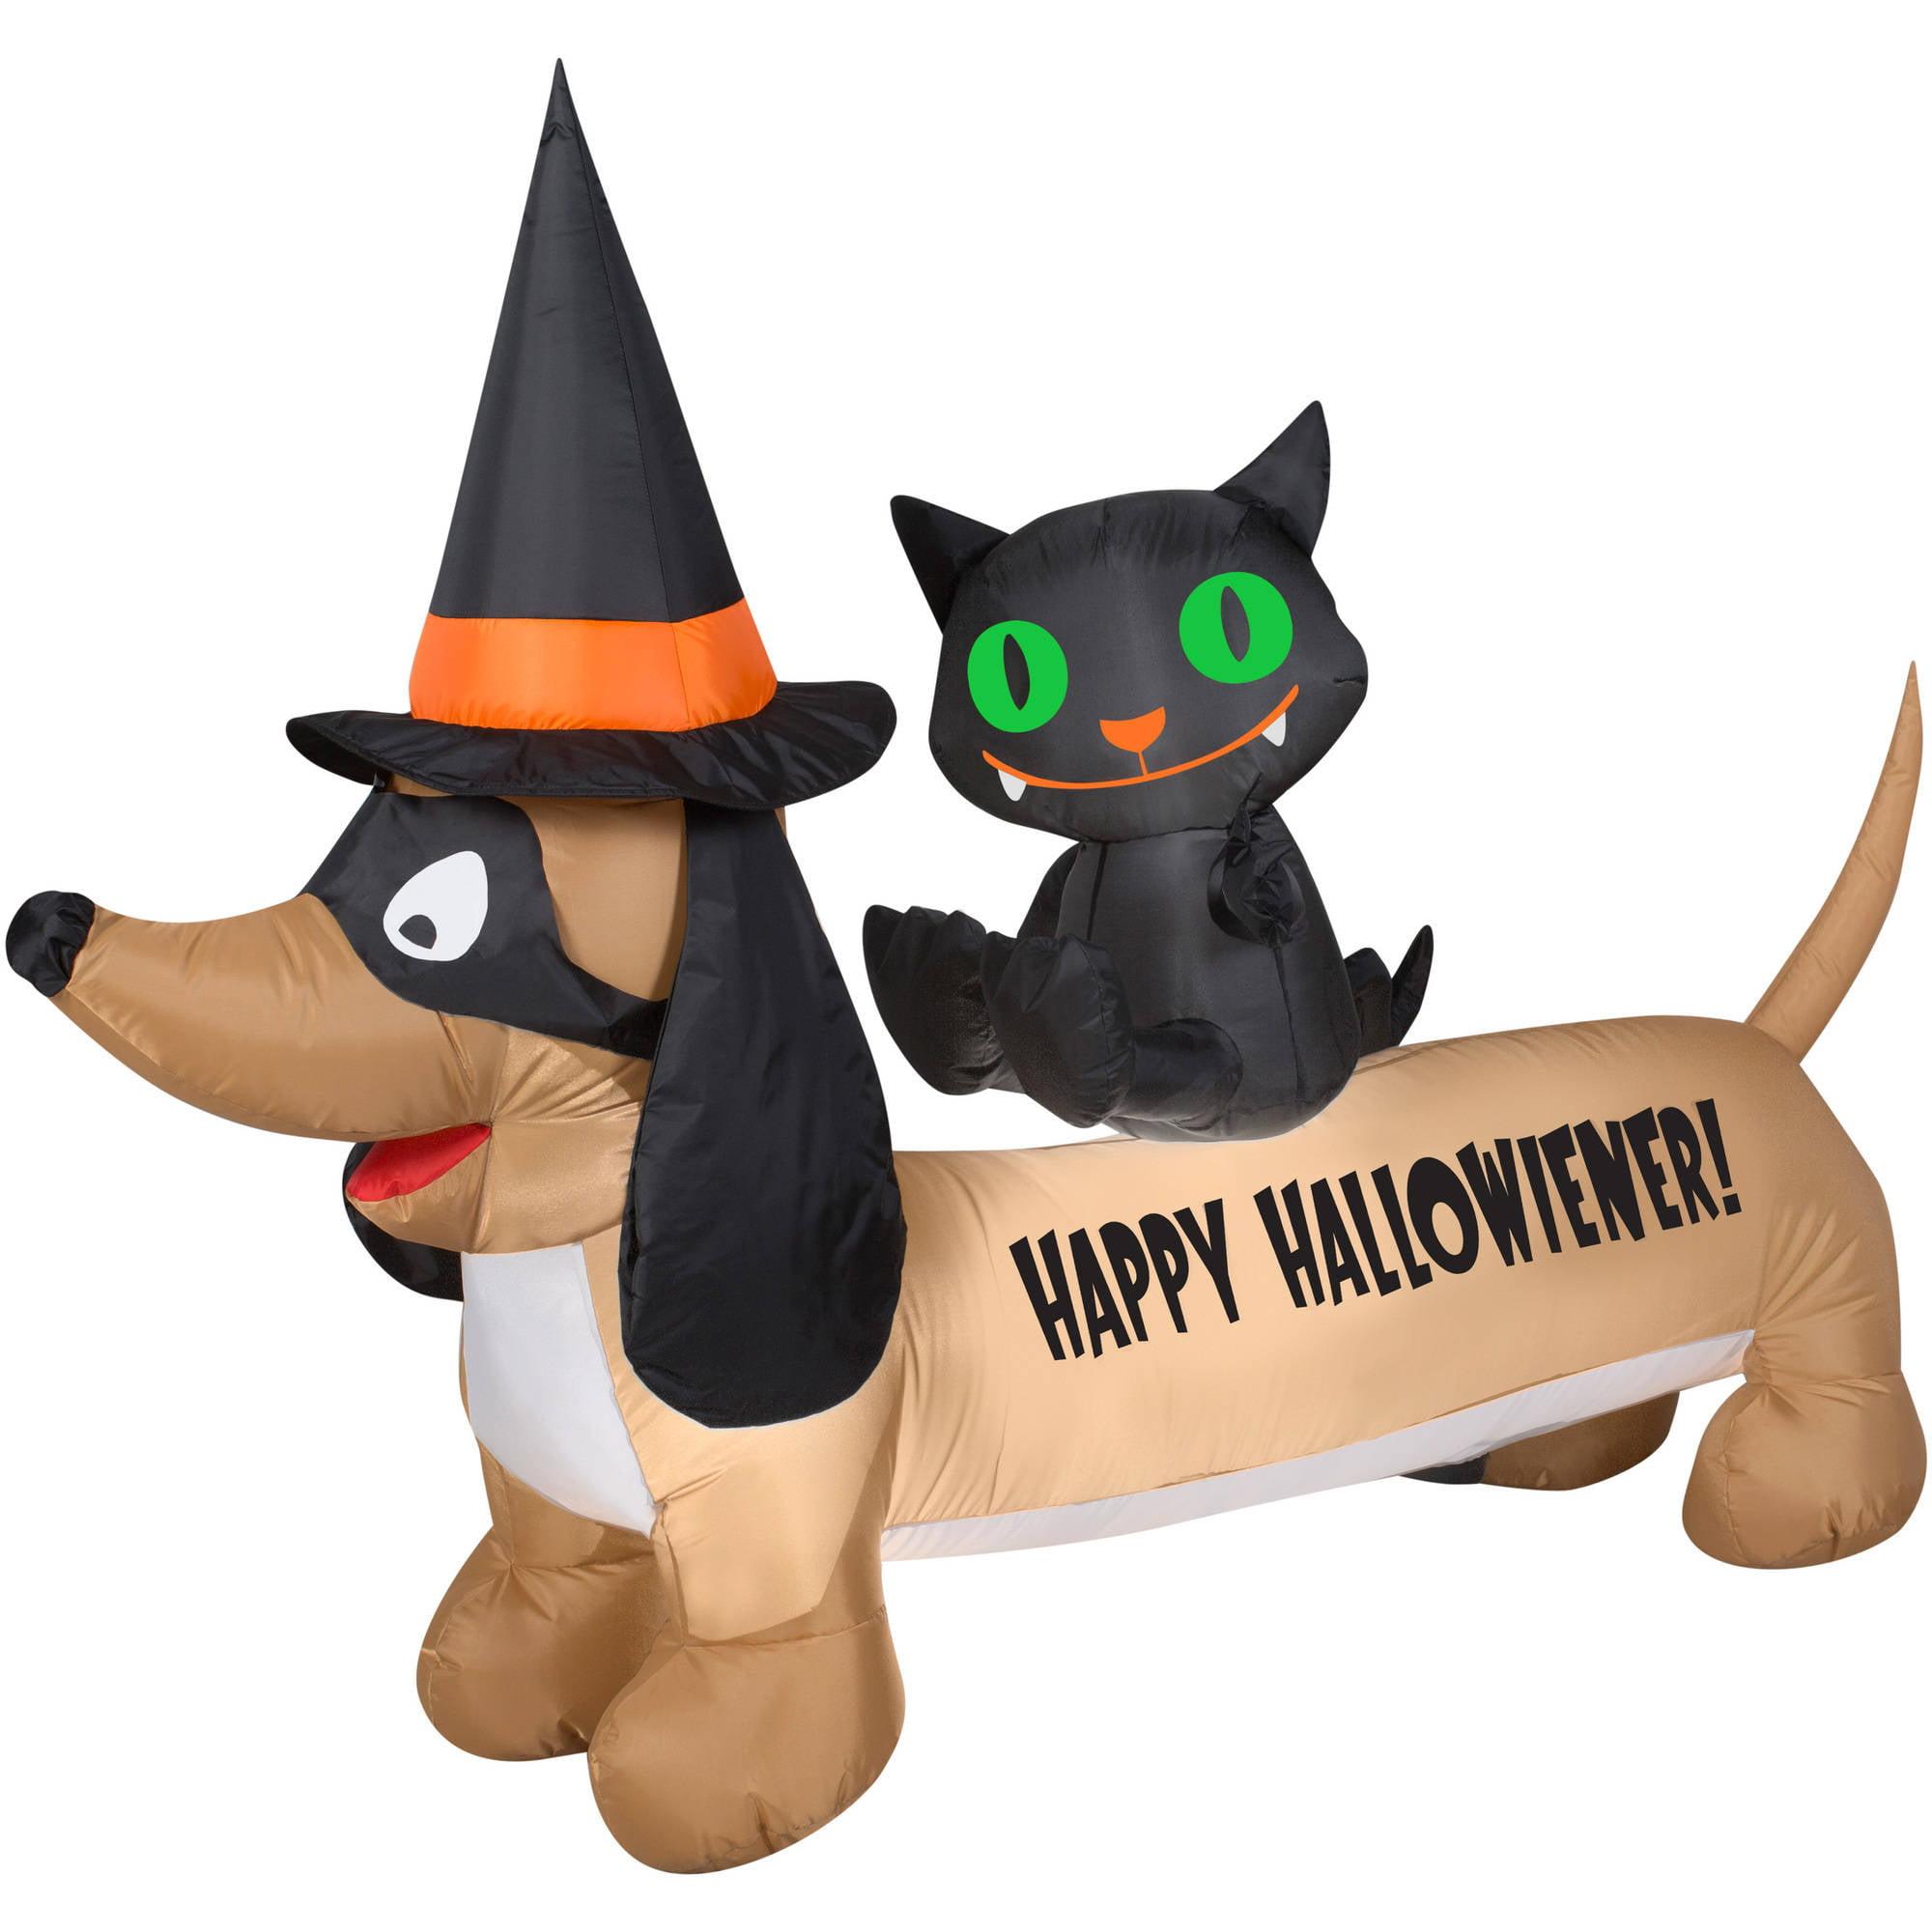 Dachshund Halloween Decorations.Airblown Dachshund Halloween Decoration Walmart Com Walmart Com